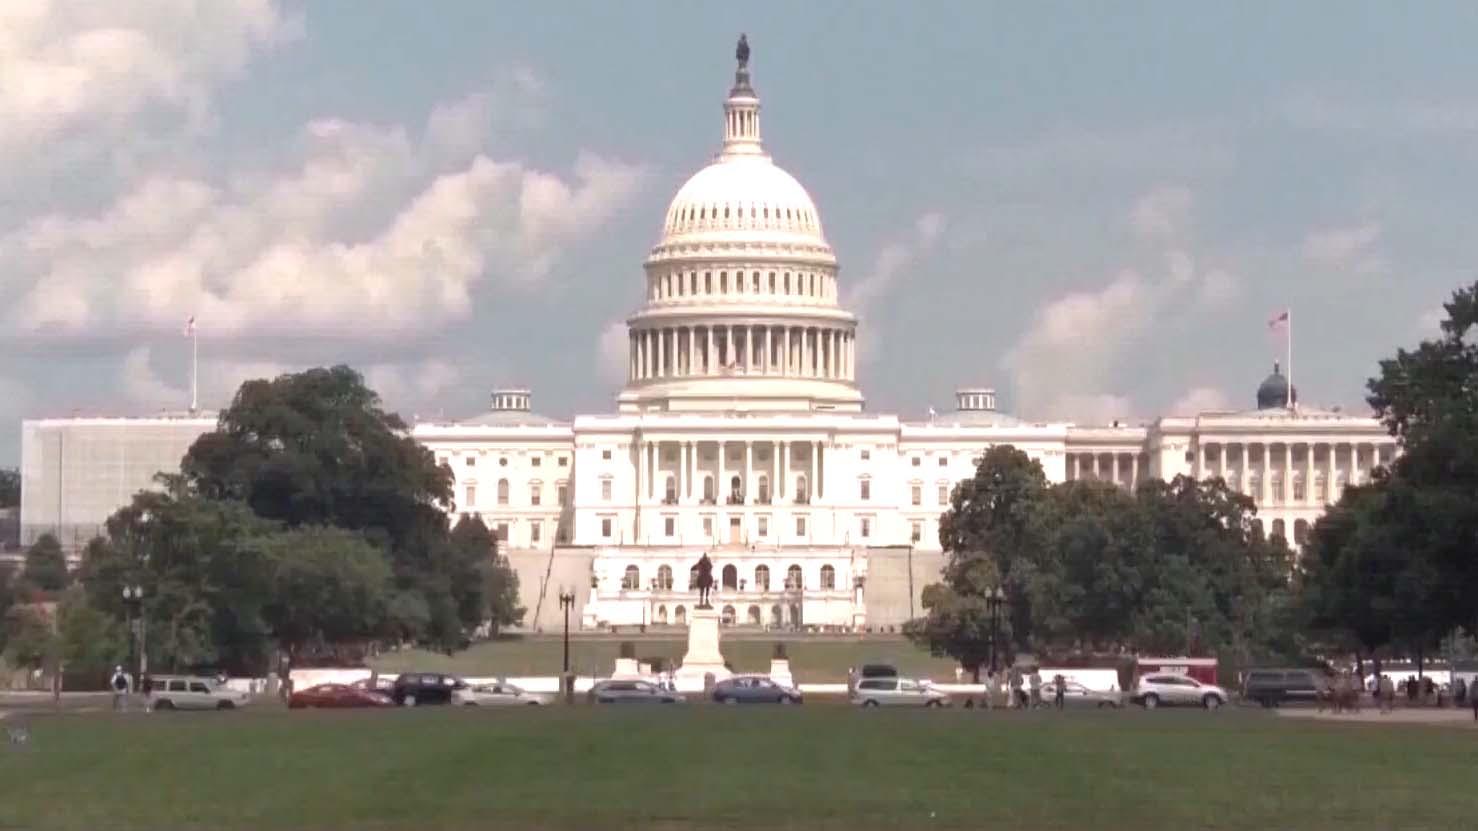 美眾議院通過將派錢金額上調至二千美元 將交由參議院審議